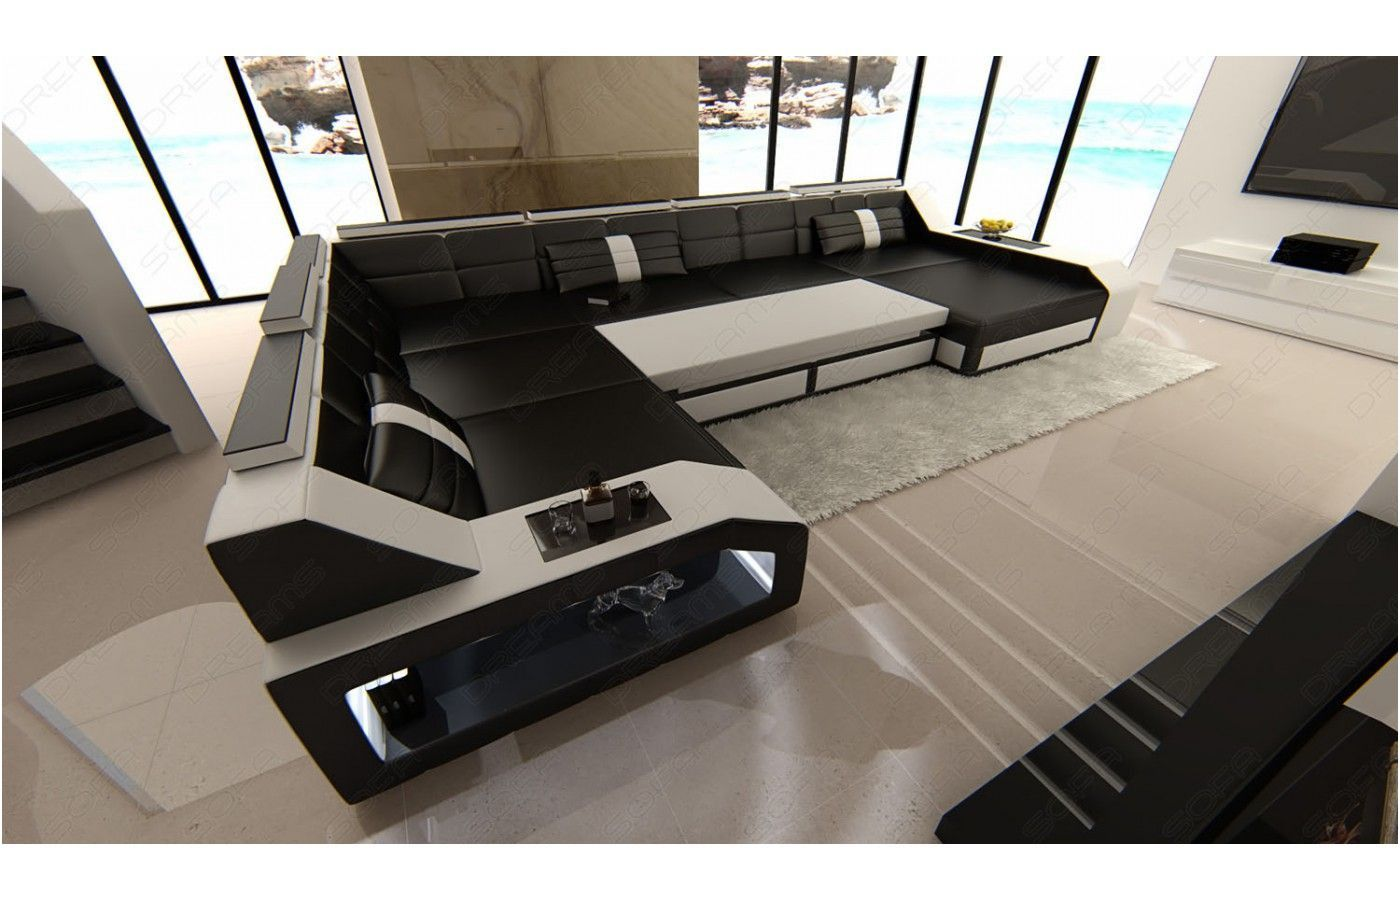 Sauber Wohnlandschaft Mit Beleuchtung Corner Sofa Luxury Bedroom Decor Luxurious Bedrooms